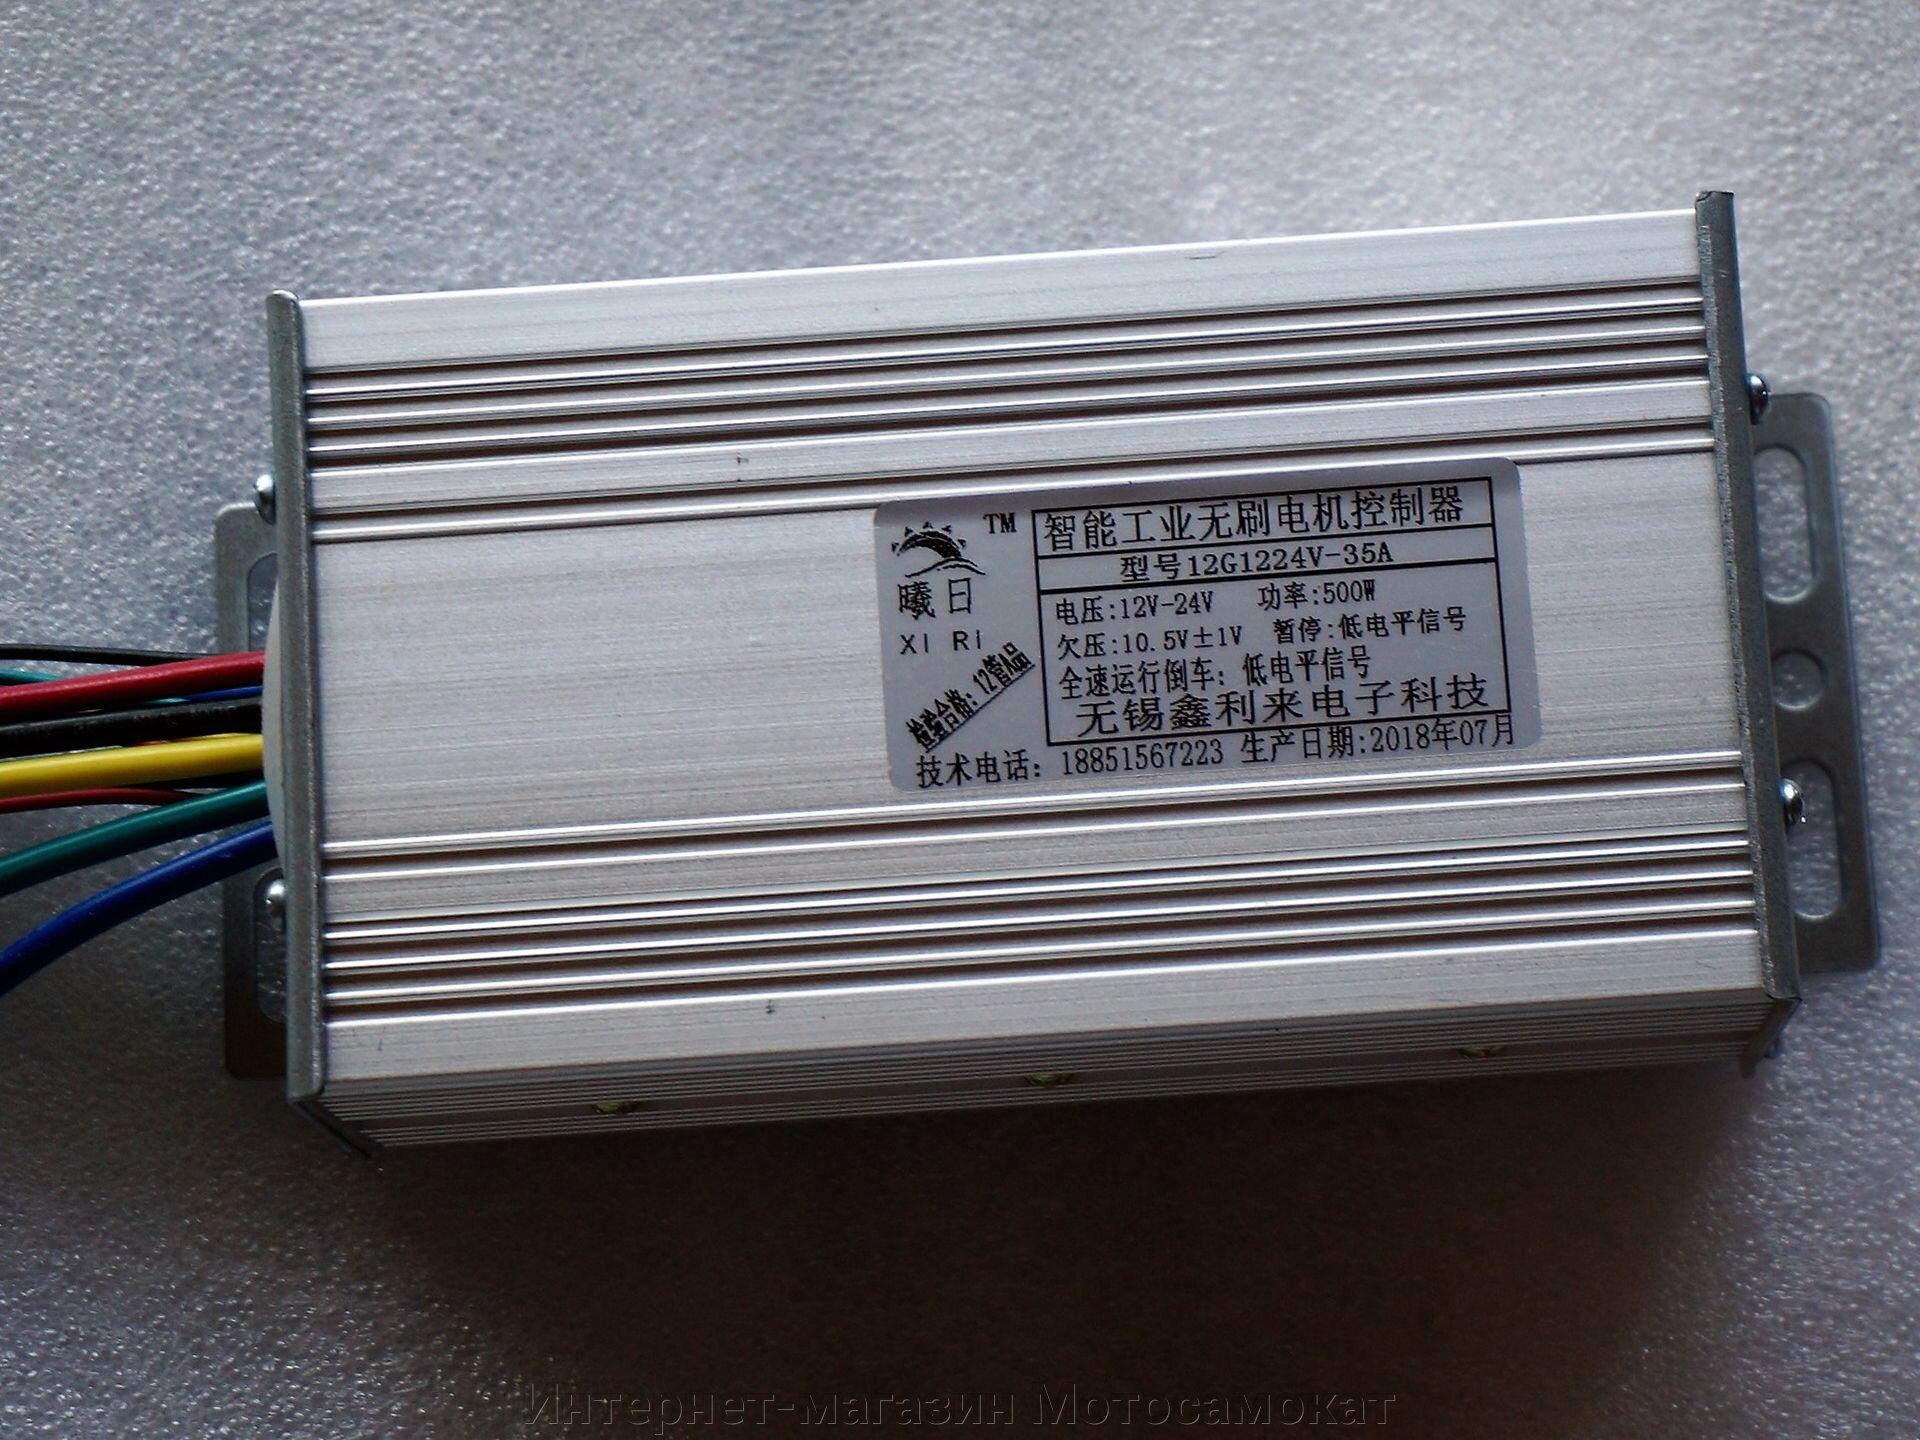 Контроллер 12-24 V (35A) для бесколлекторного BLDC электромотора, с реверсом.